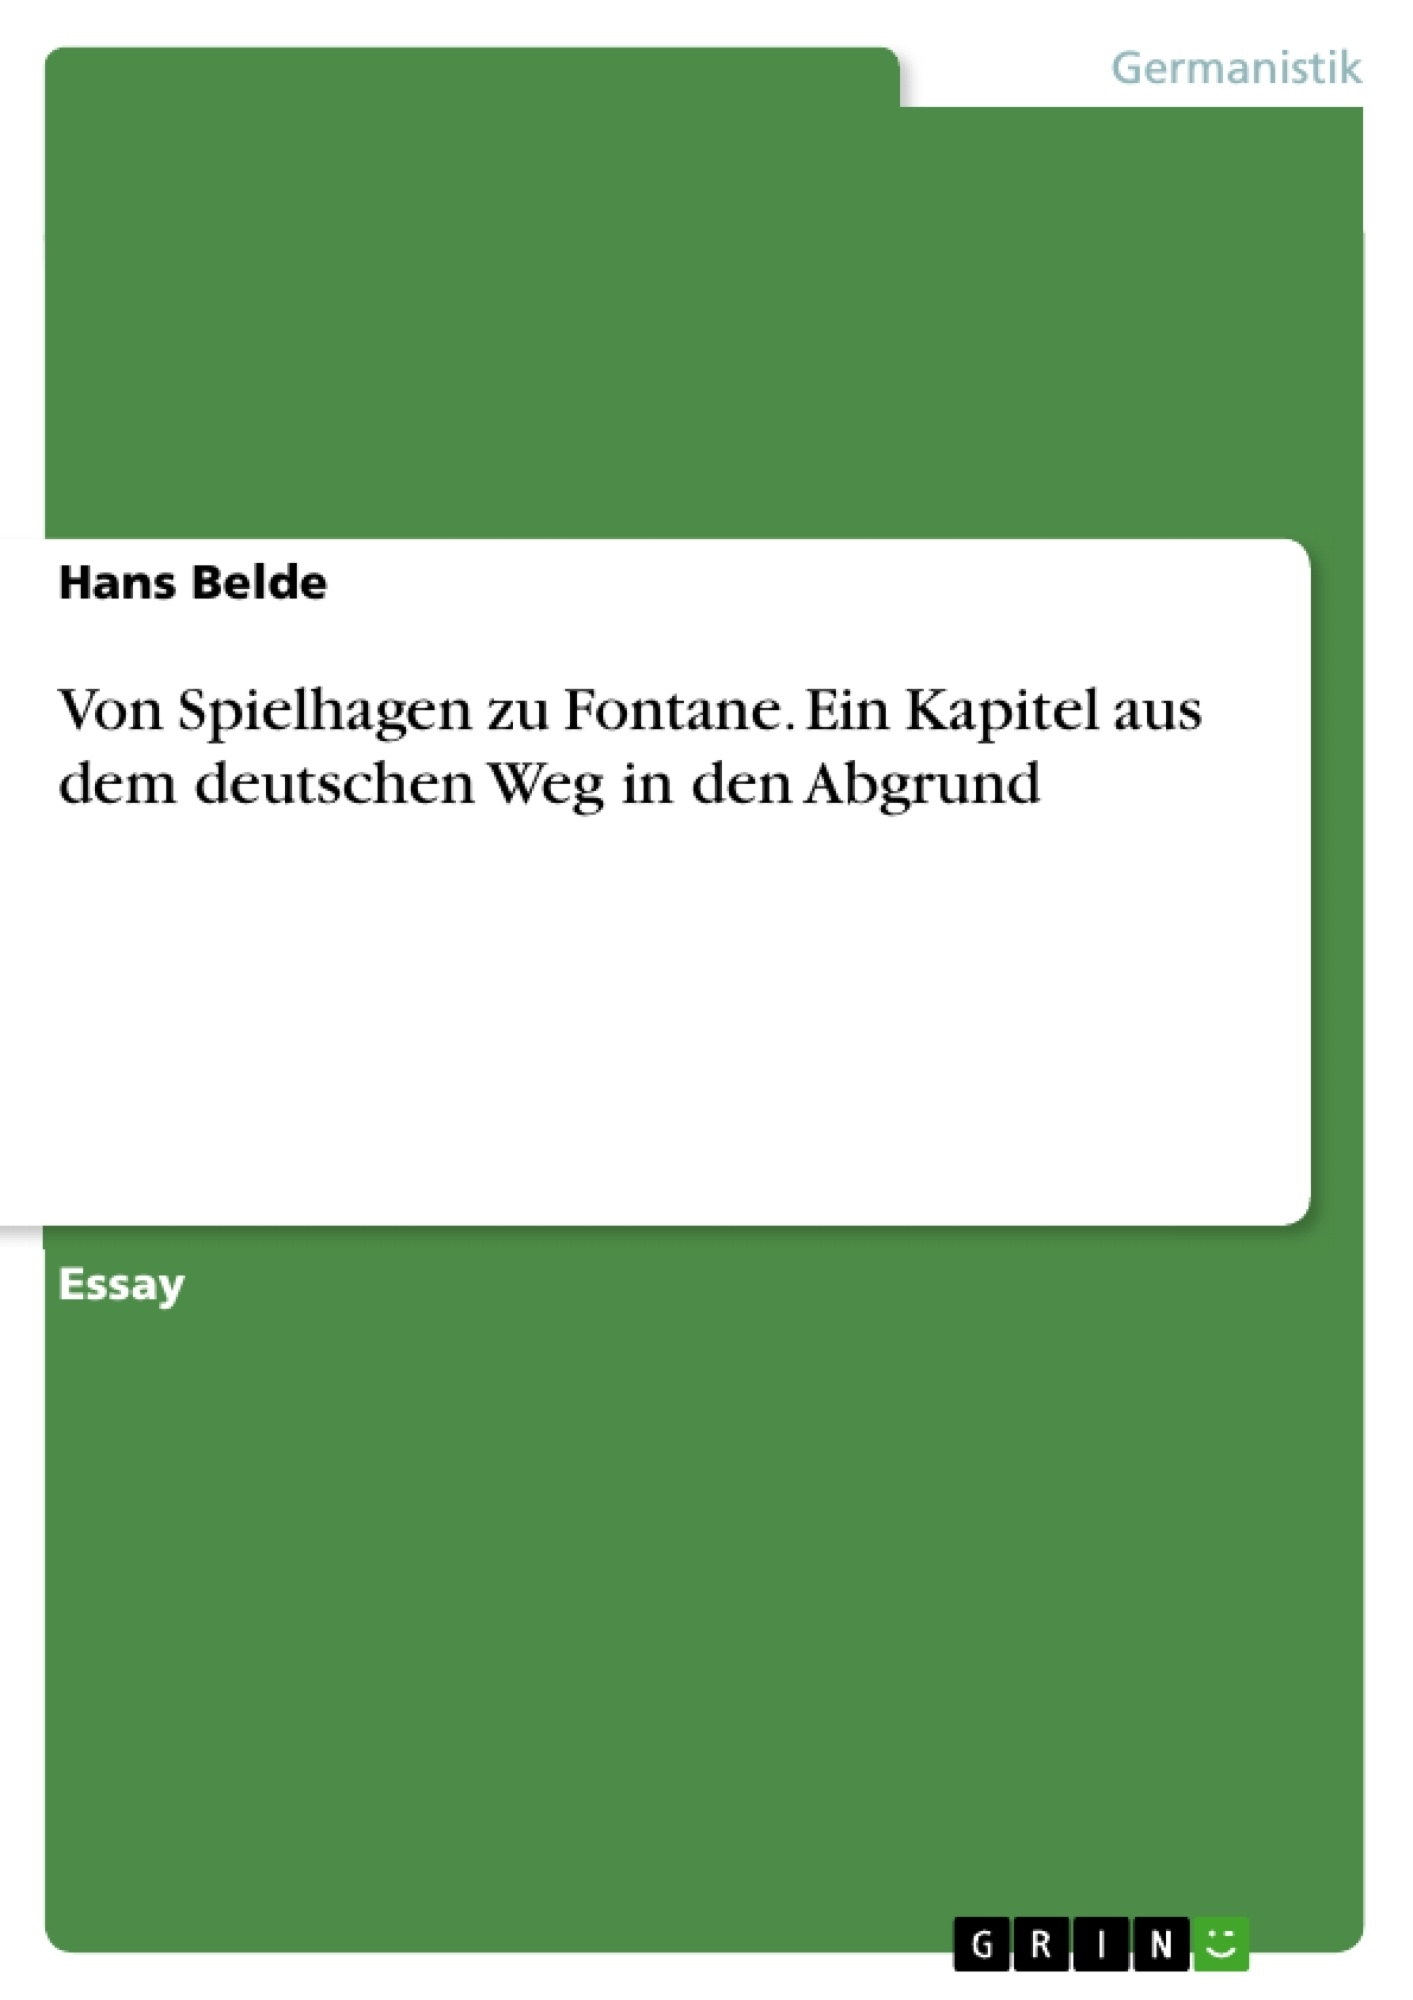 Titel: Von Spielhagen zu Fontane. Ein Kapitel aus dem deutschen Weg in den Abgrund